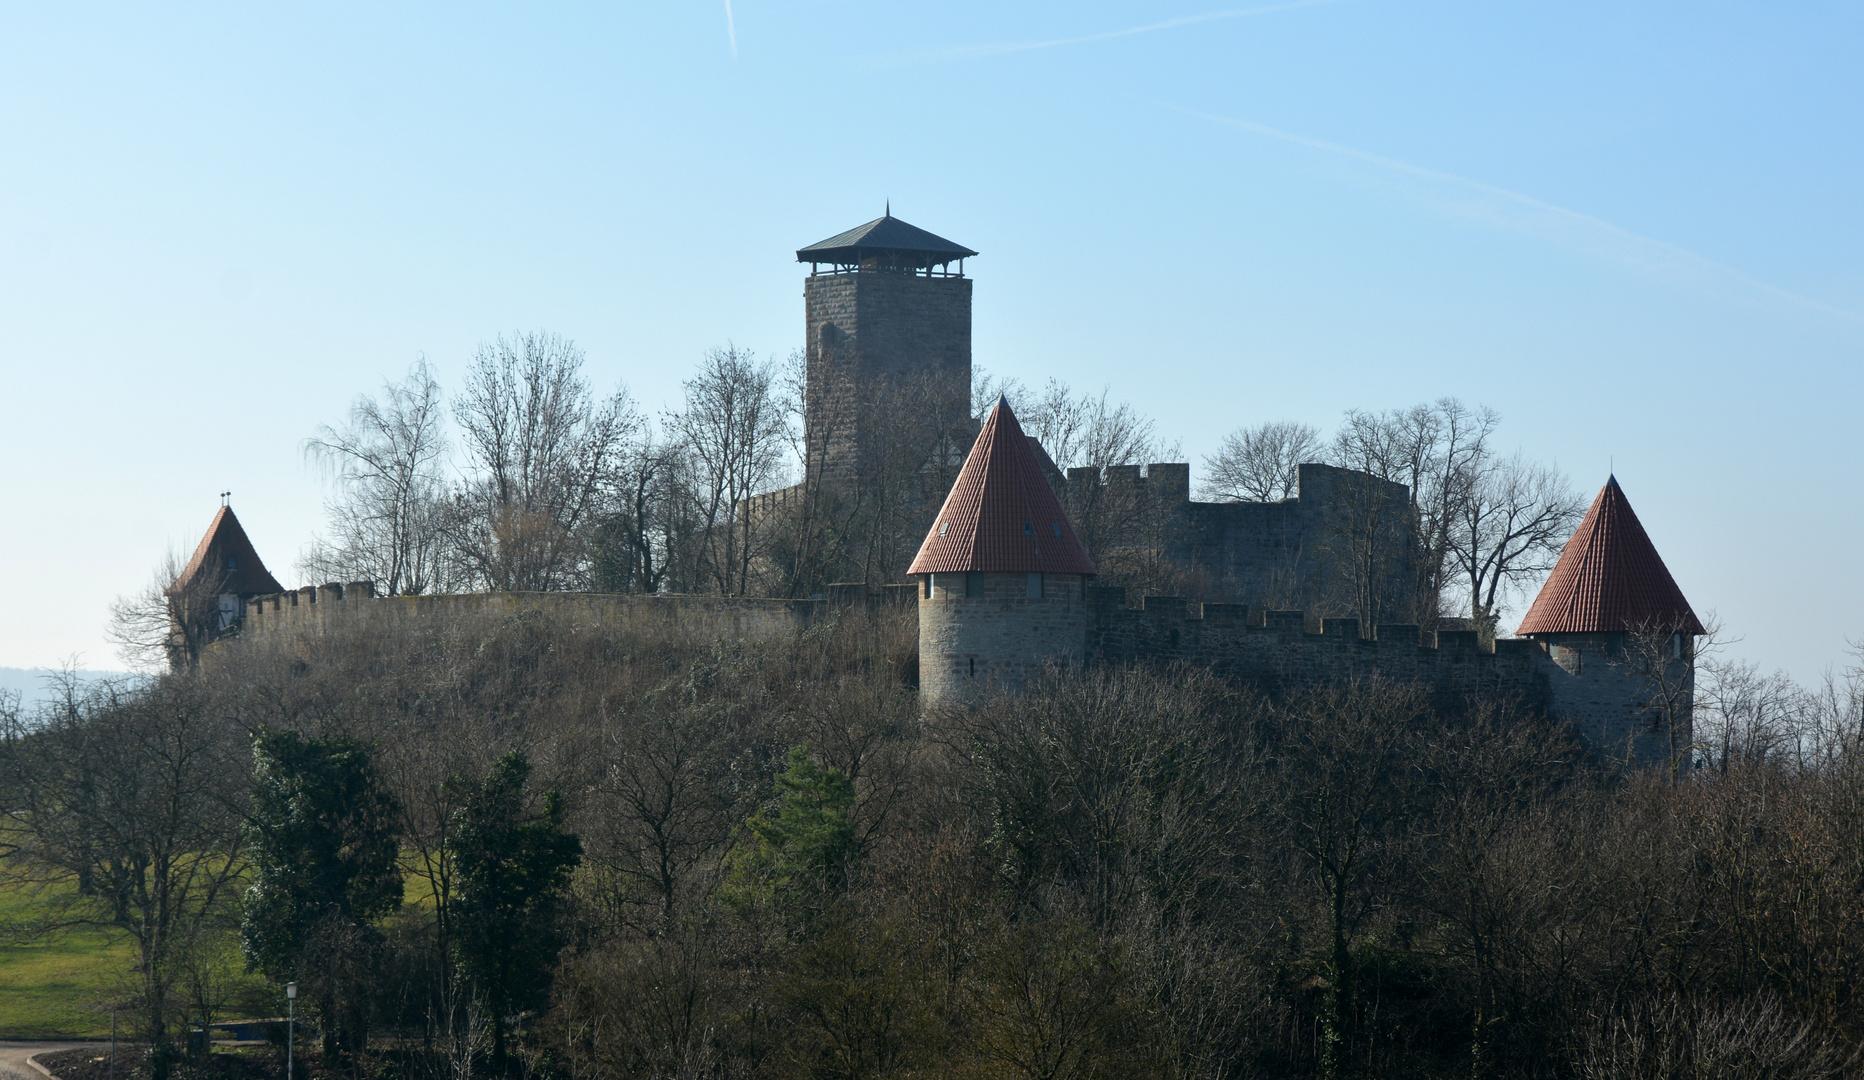 Beilstein/Burg Hohenbeilstein